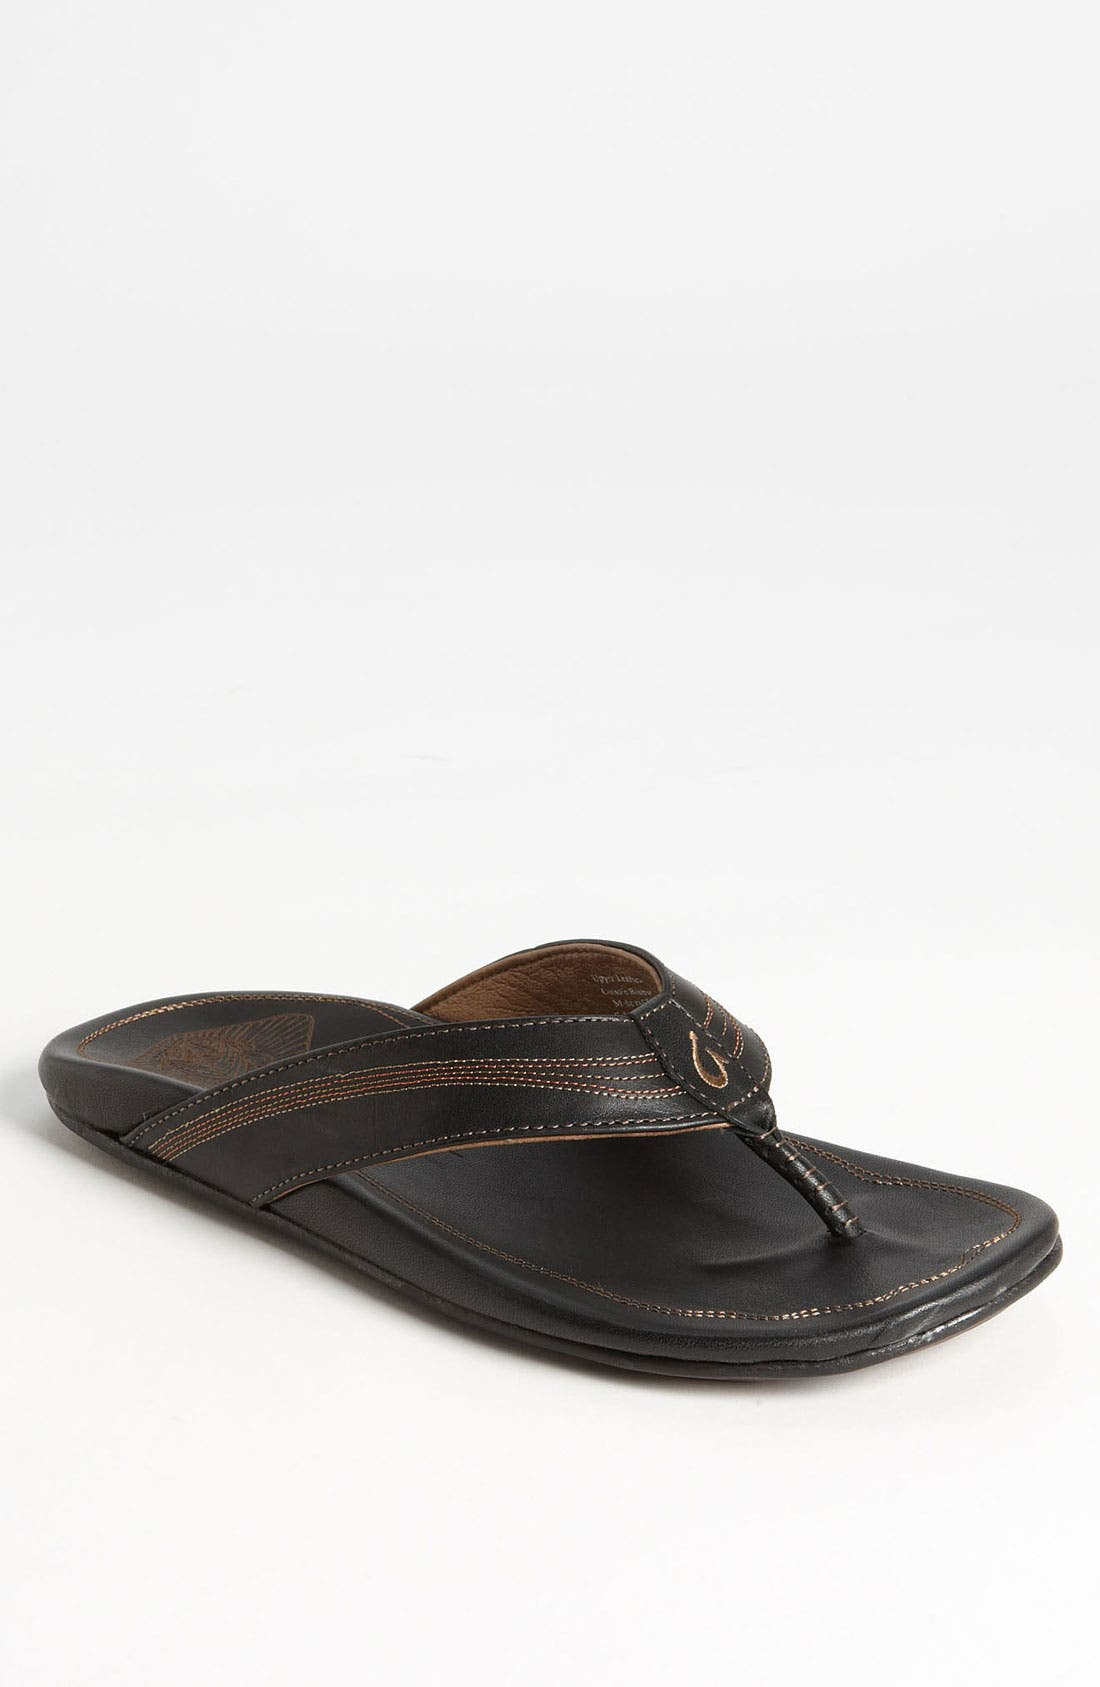 Main Image - OluKai 'Manini' Flip Flop (Men)